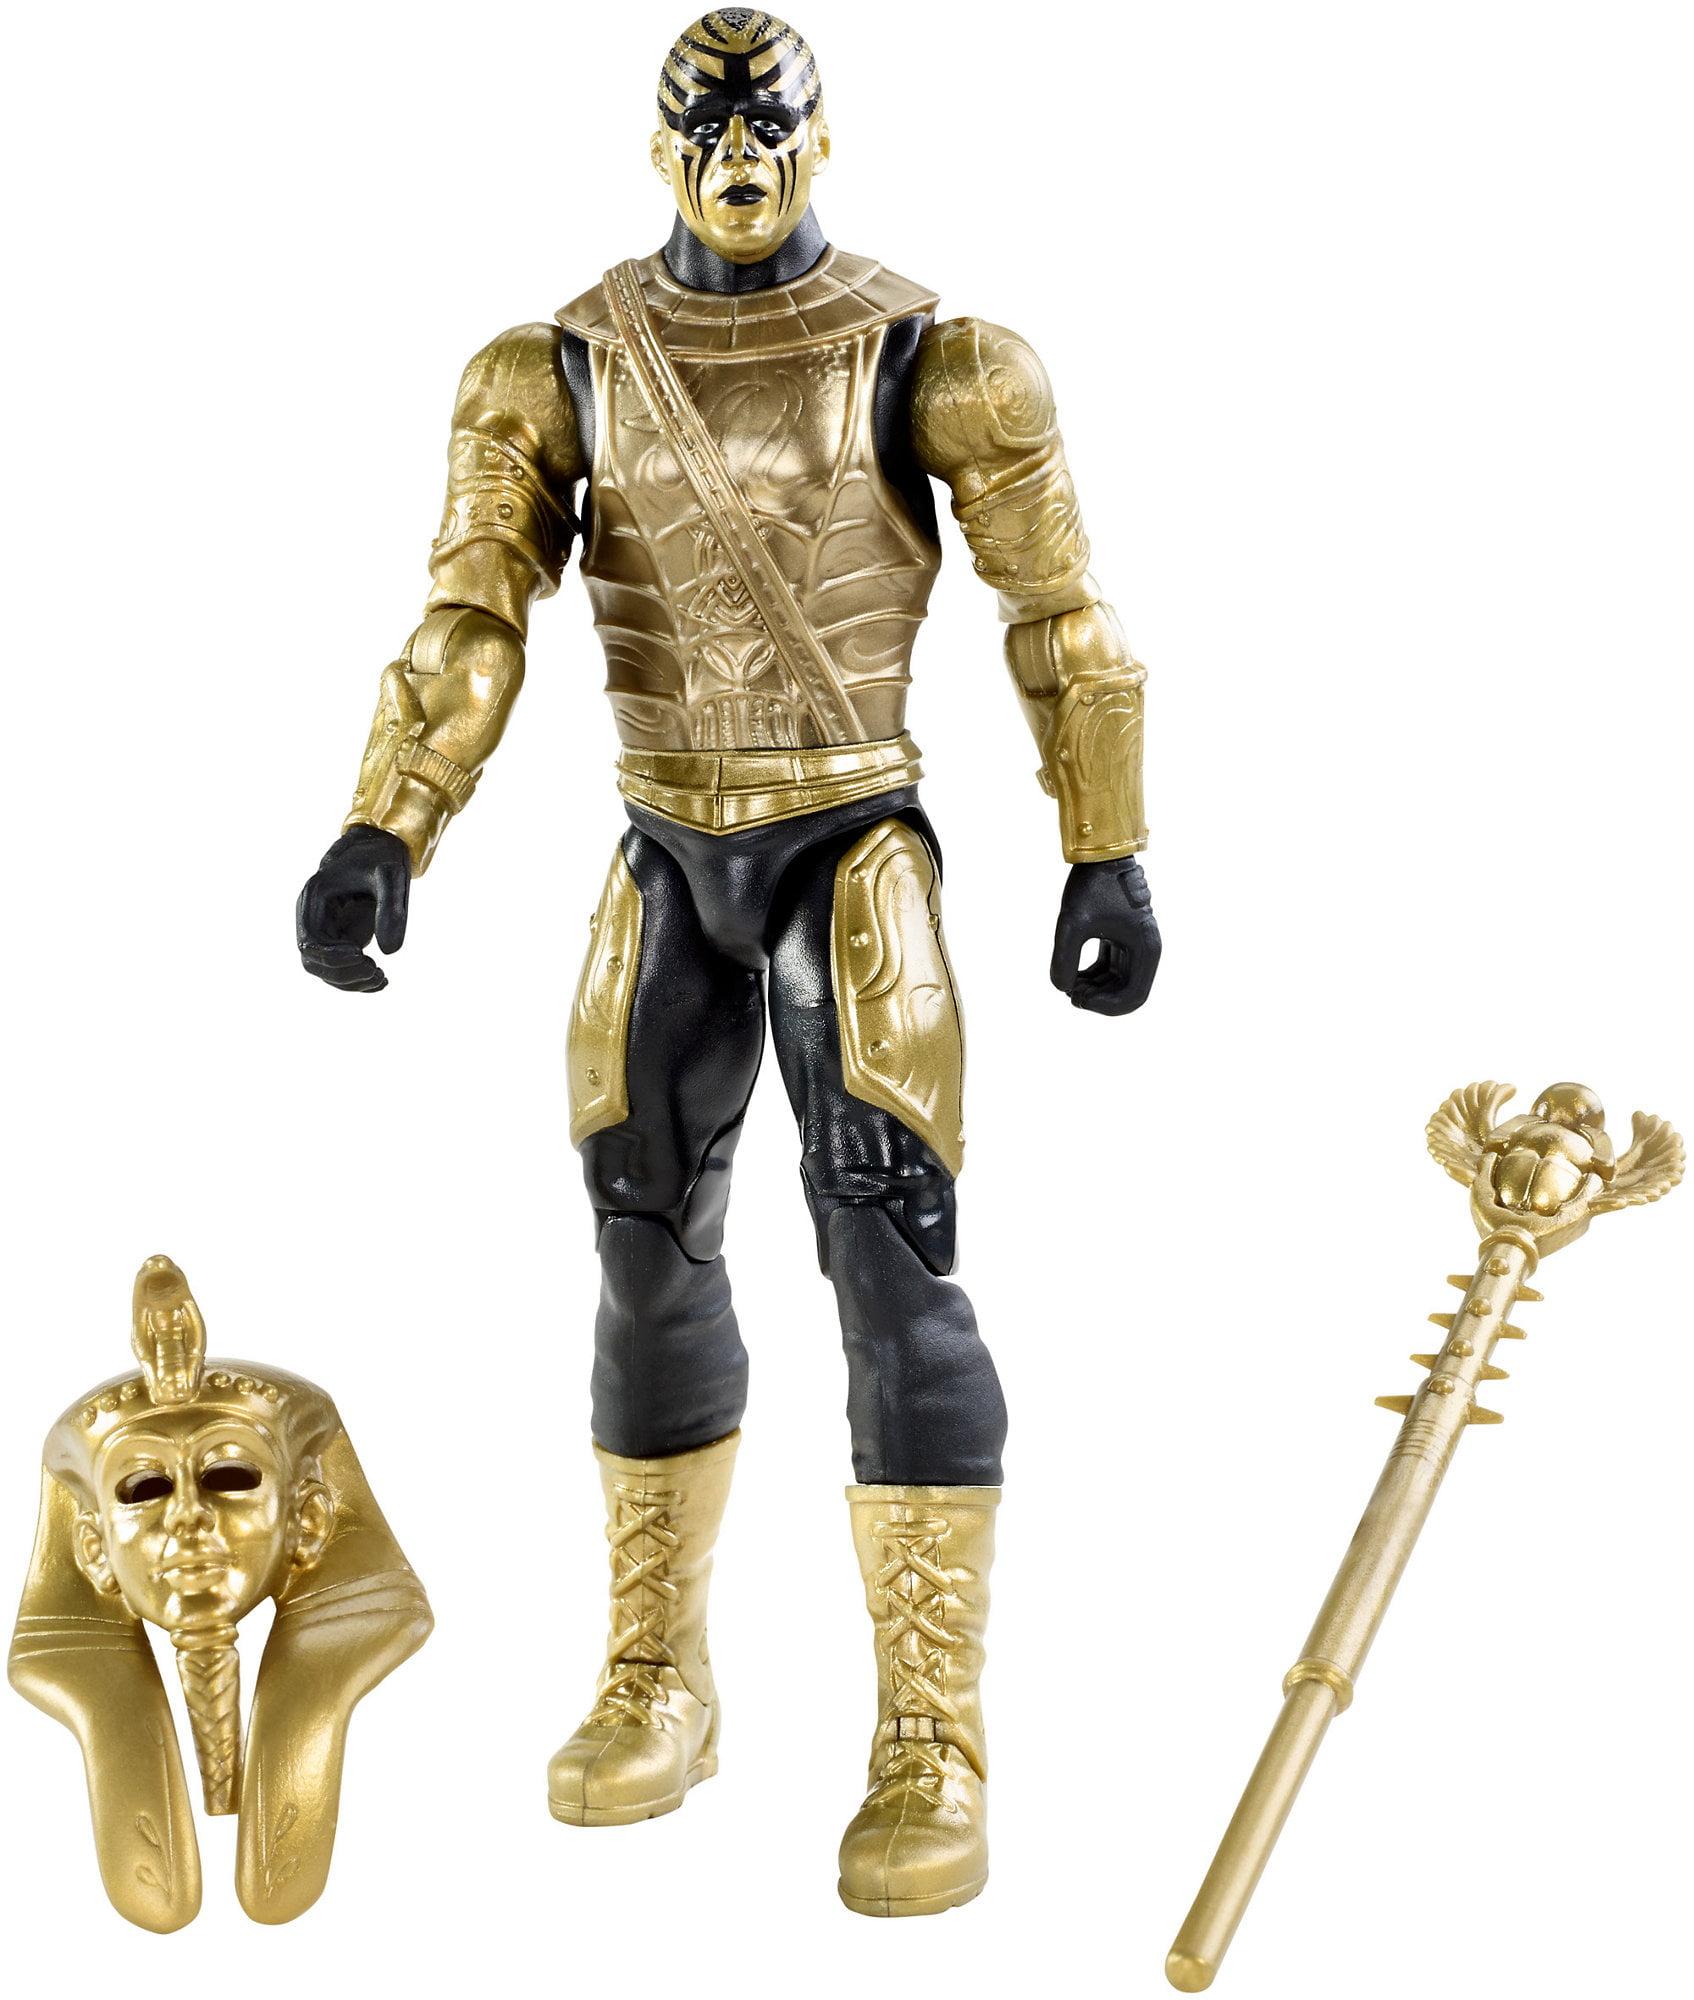 WWE Customize A Superstar Goldust Figure by Mattel